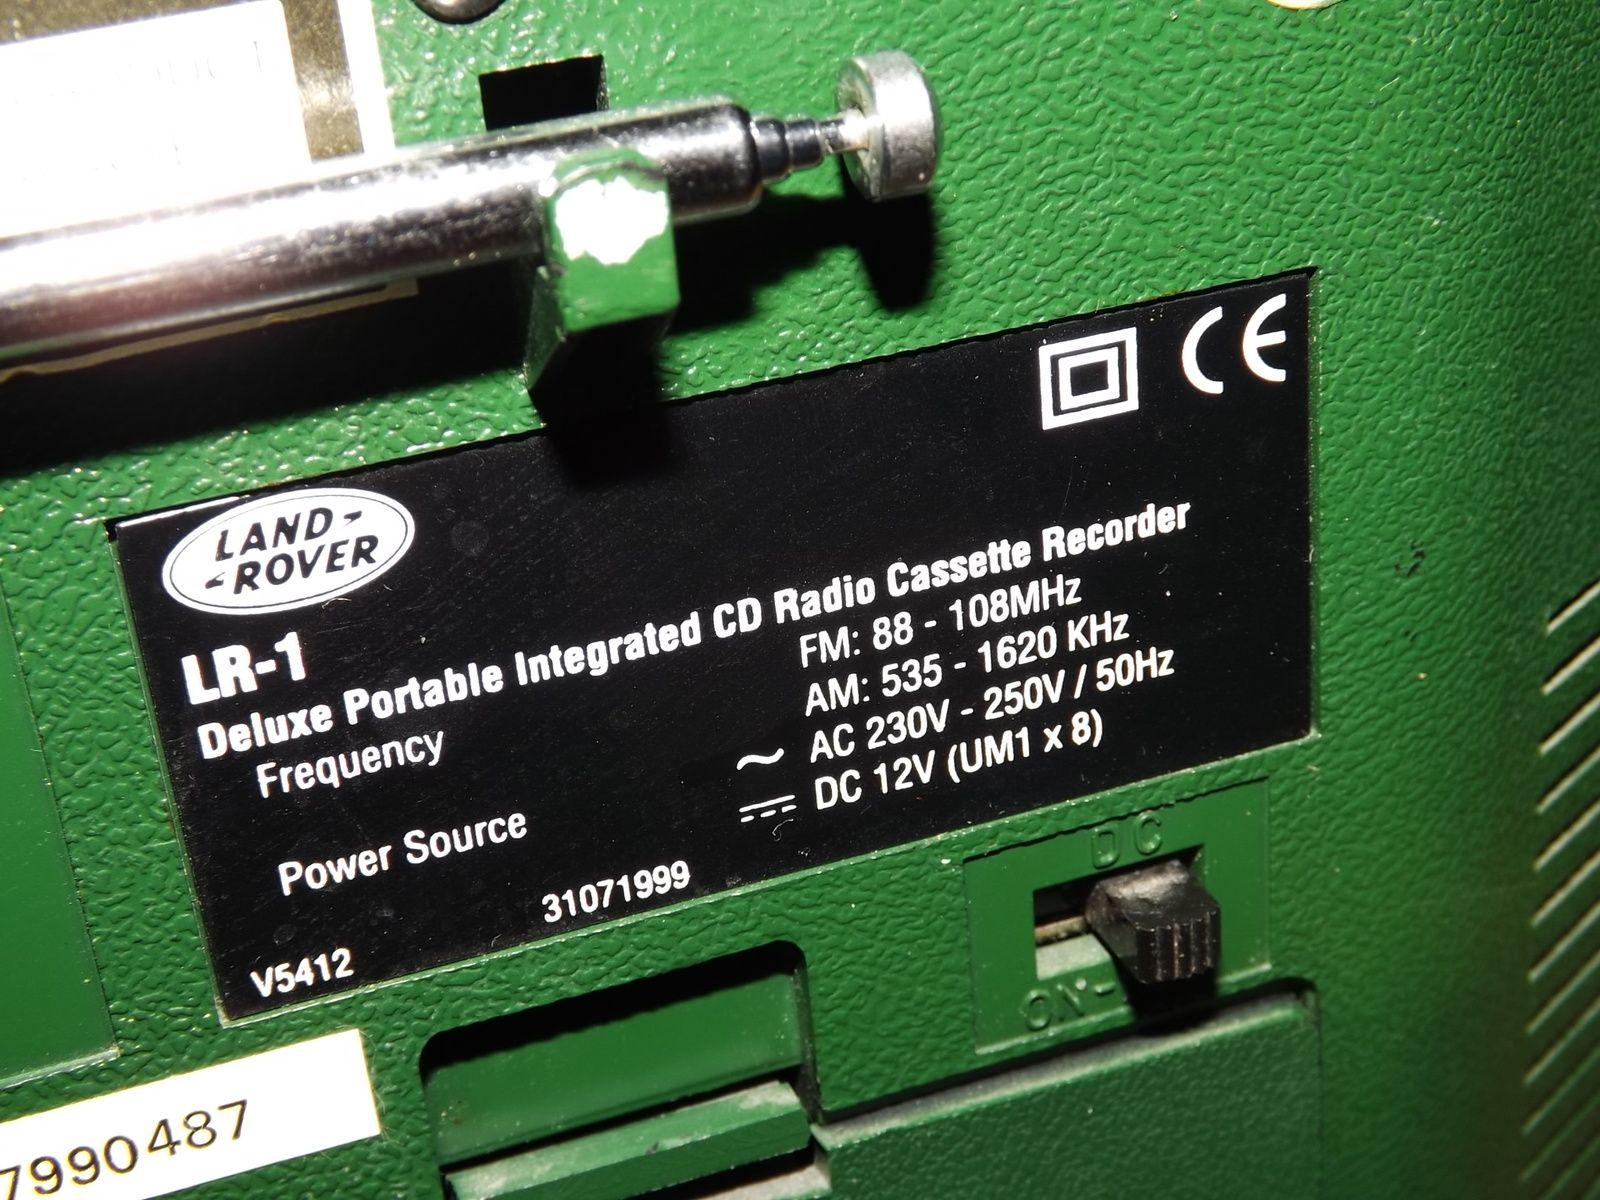 DSCF8833.JPG